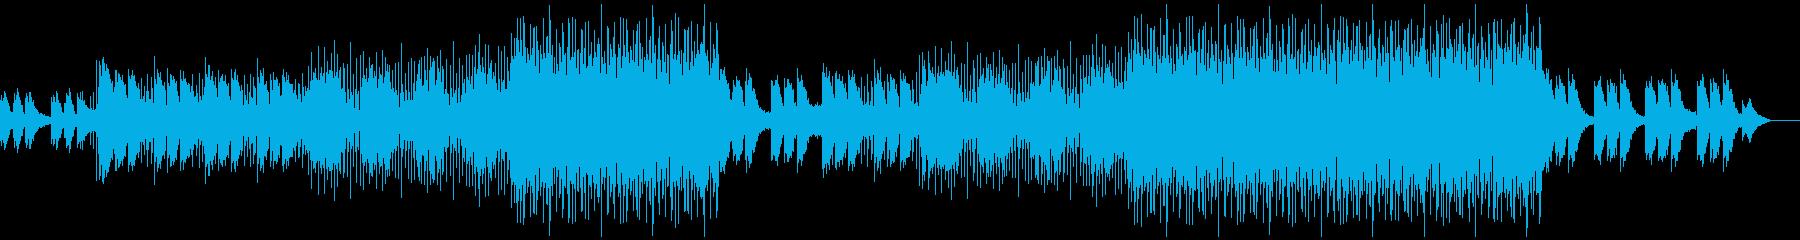 洋楽ポップス2の再生済みの波形